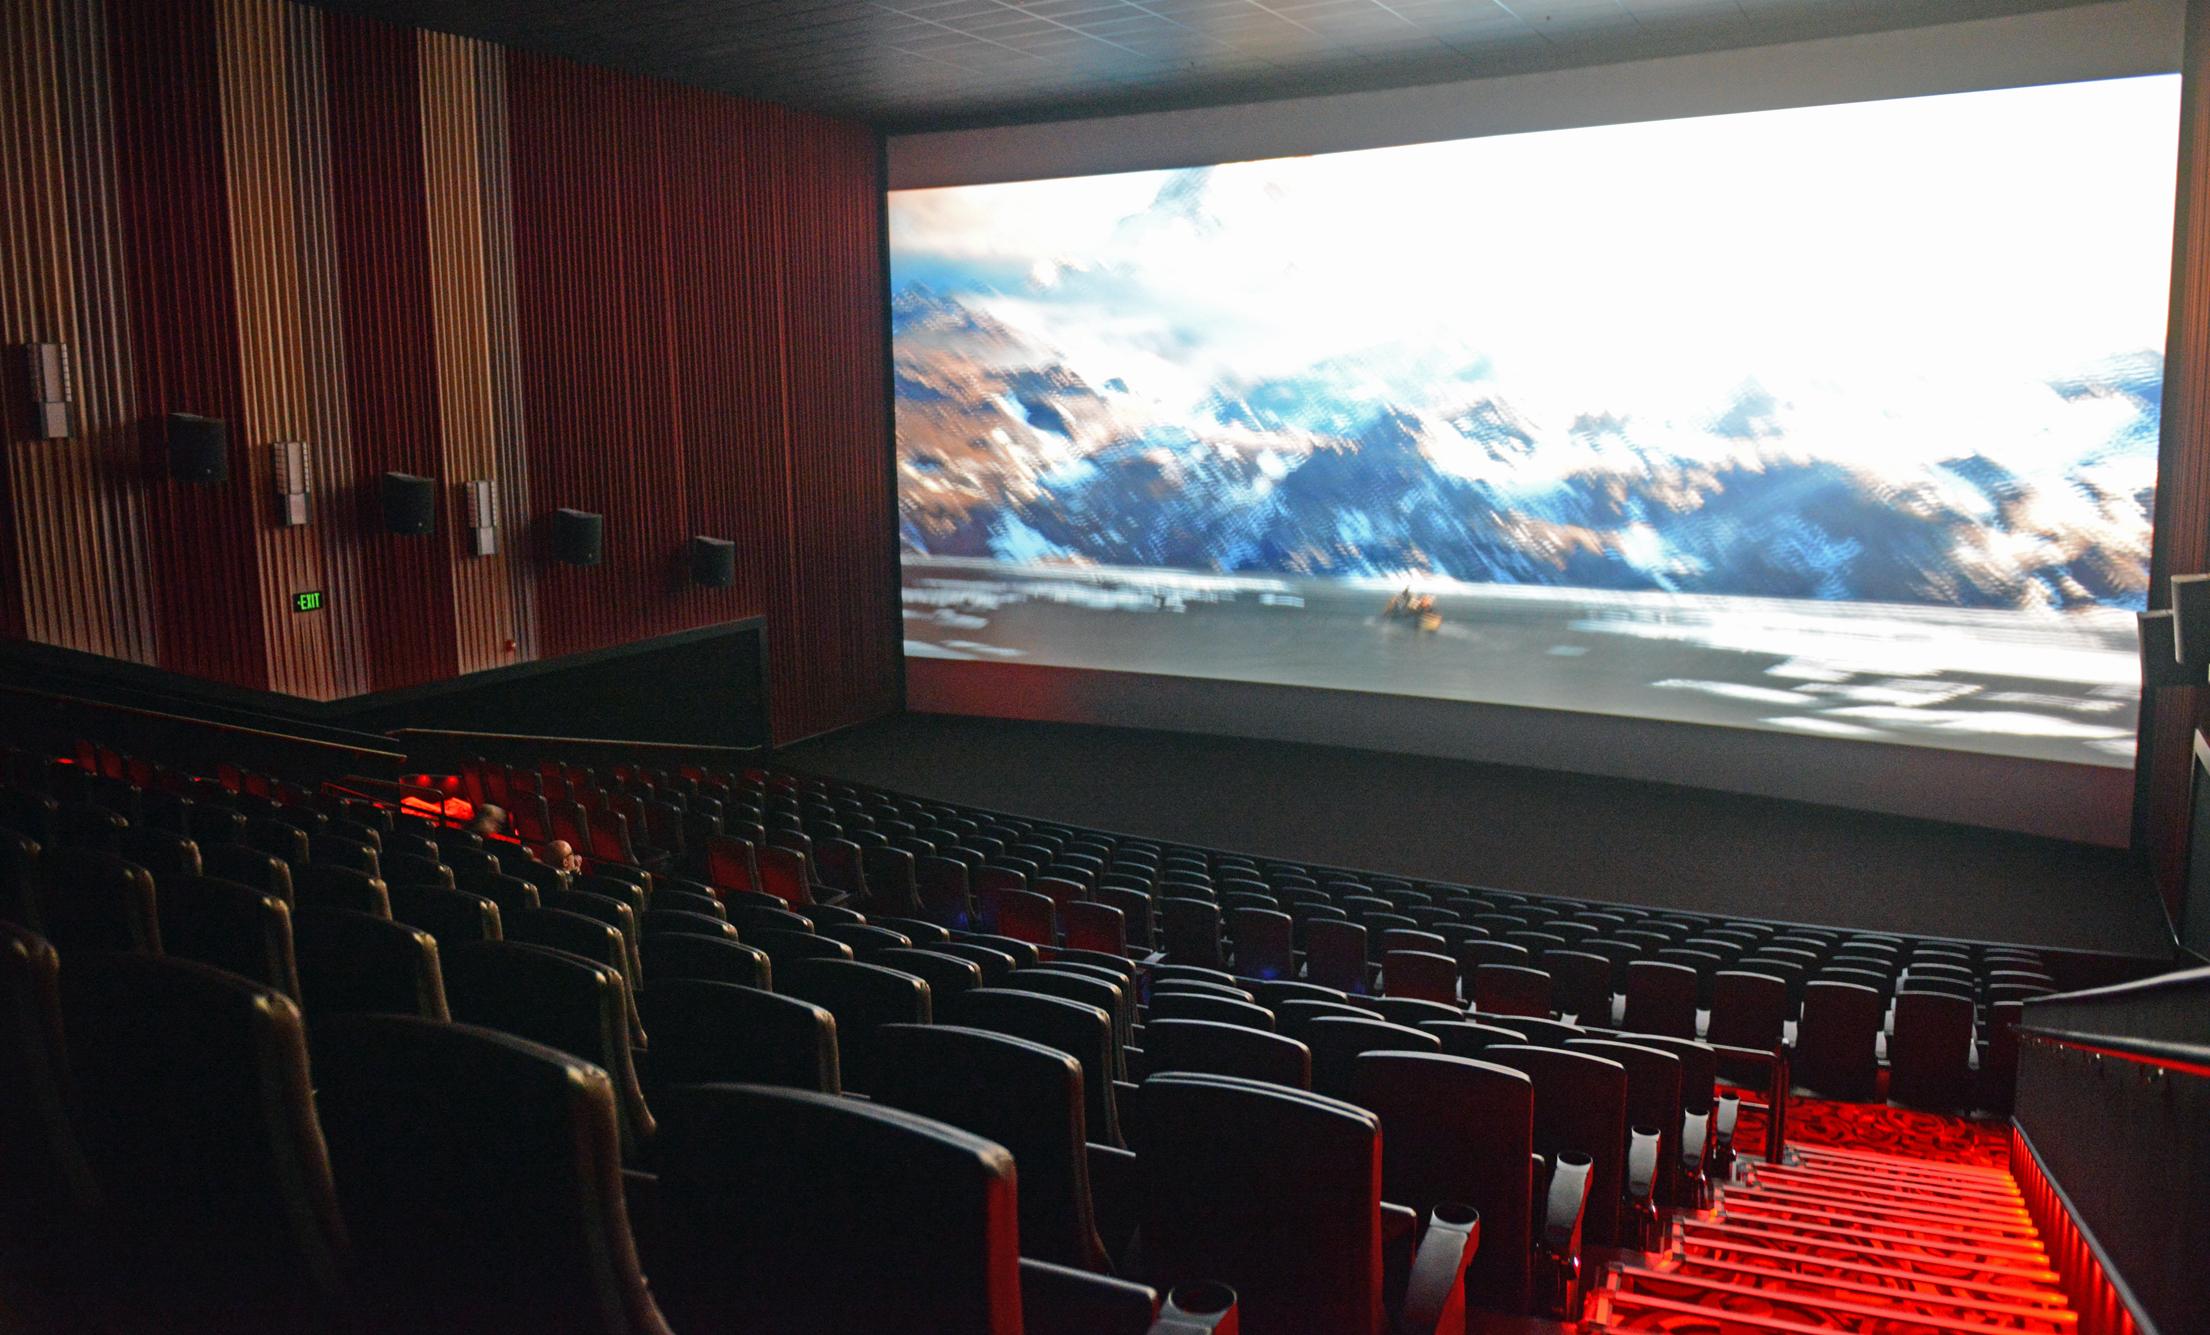 Cinemark unveils 'Next...